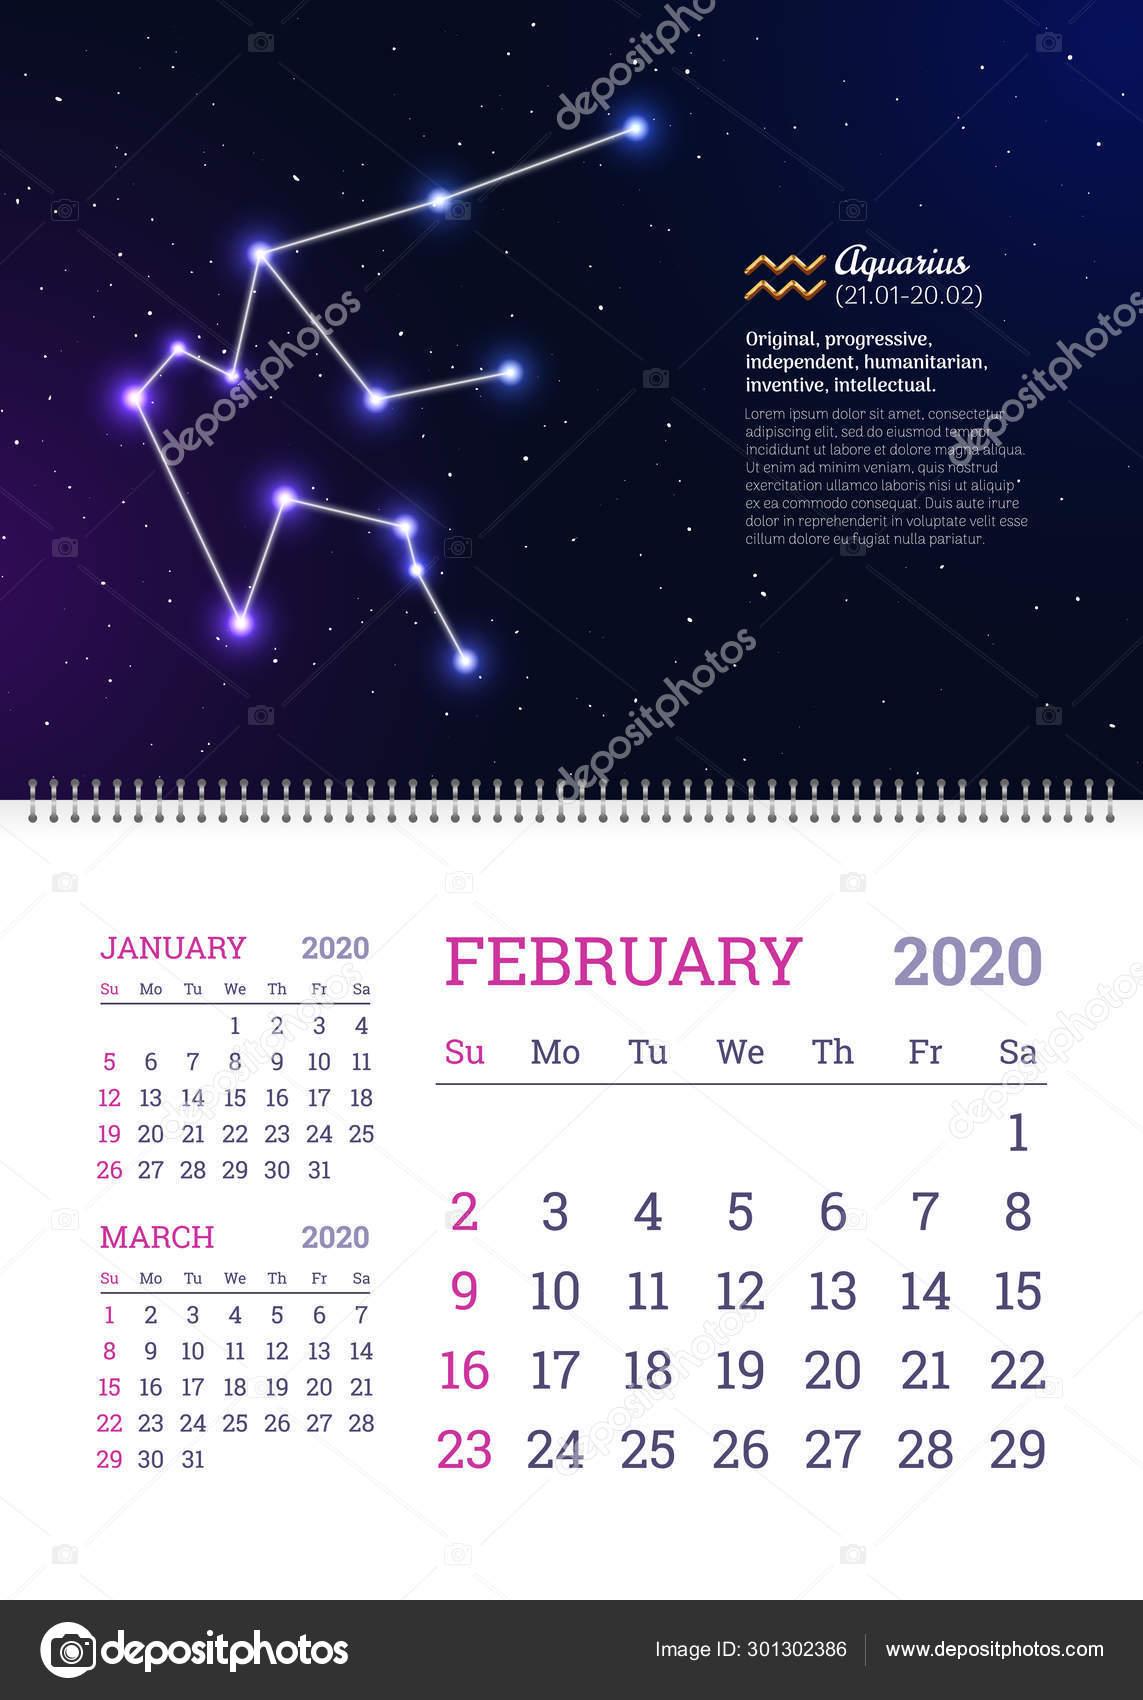 february 26 2020 weekly horoscopes